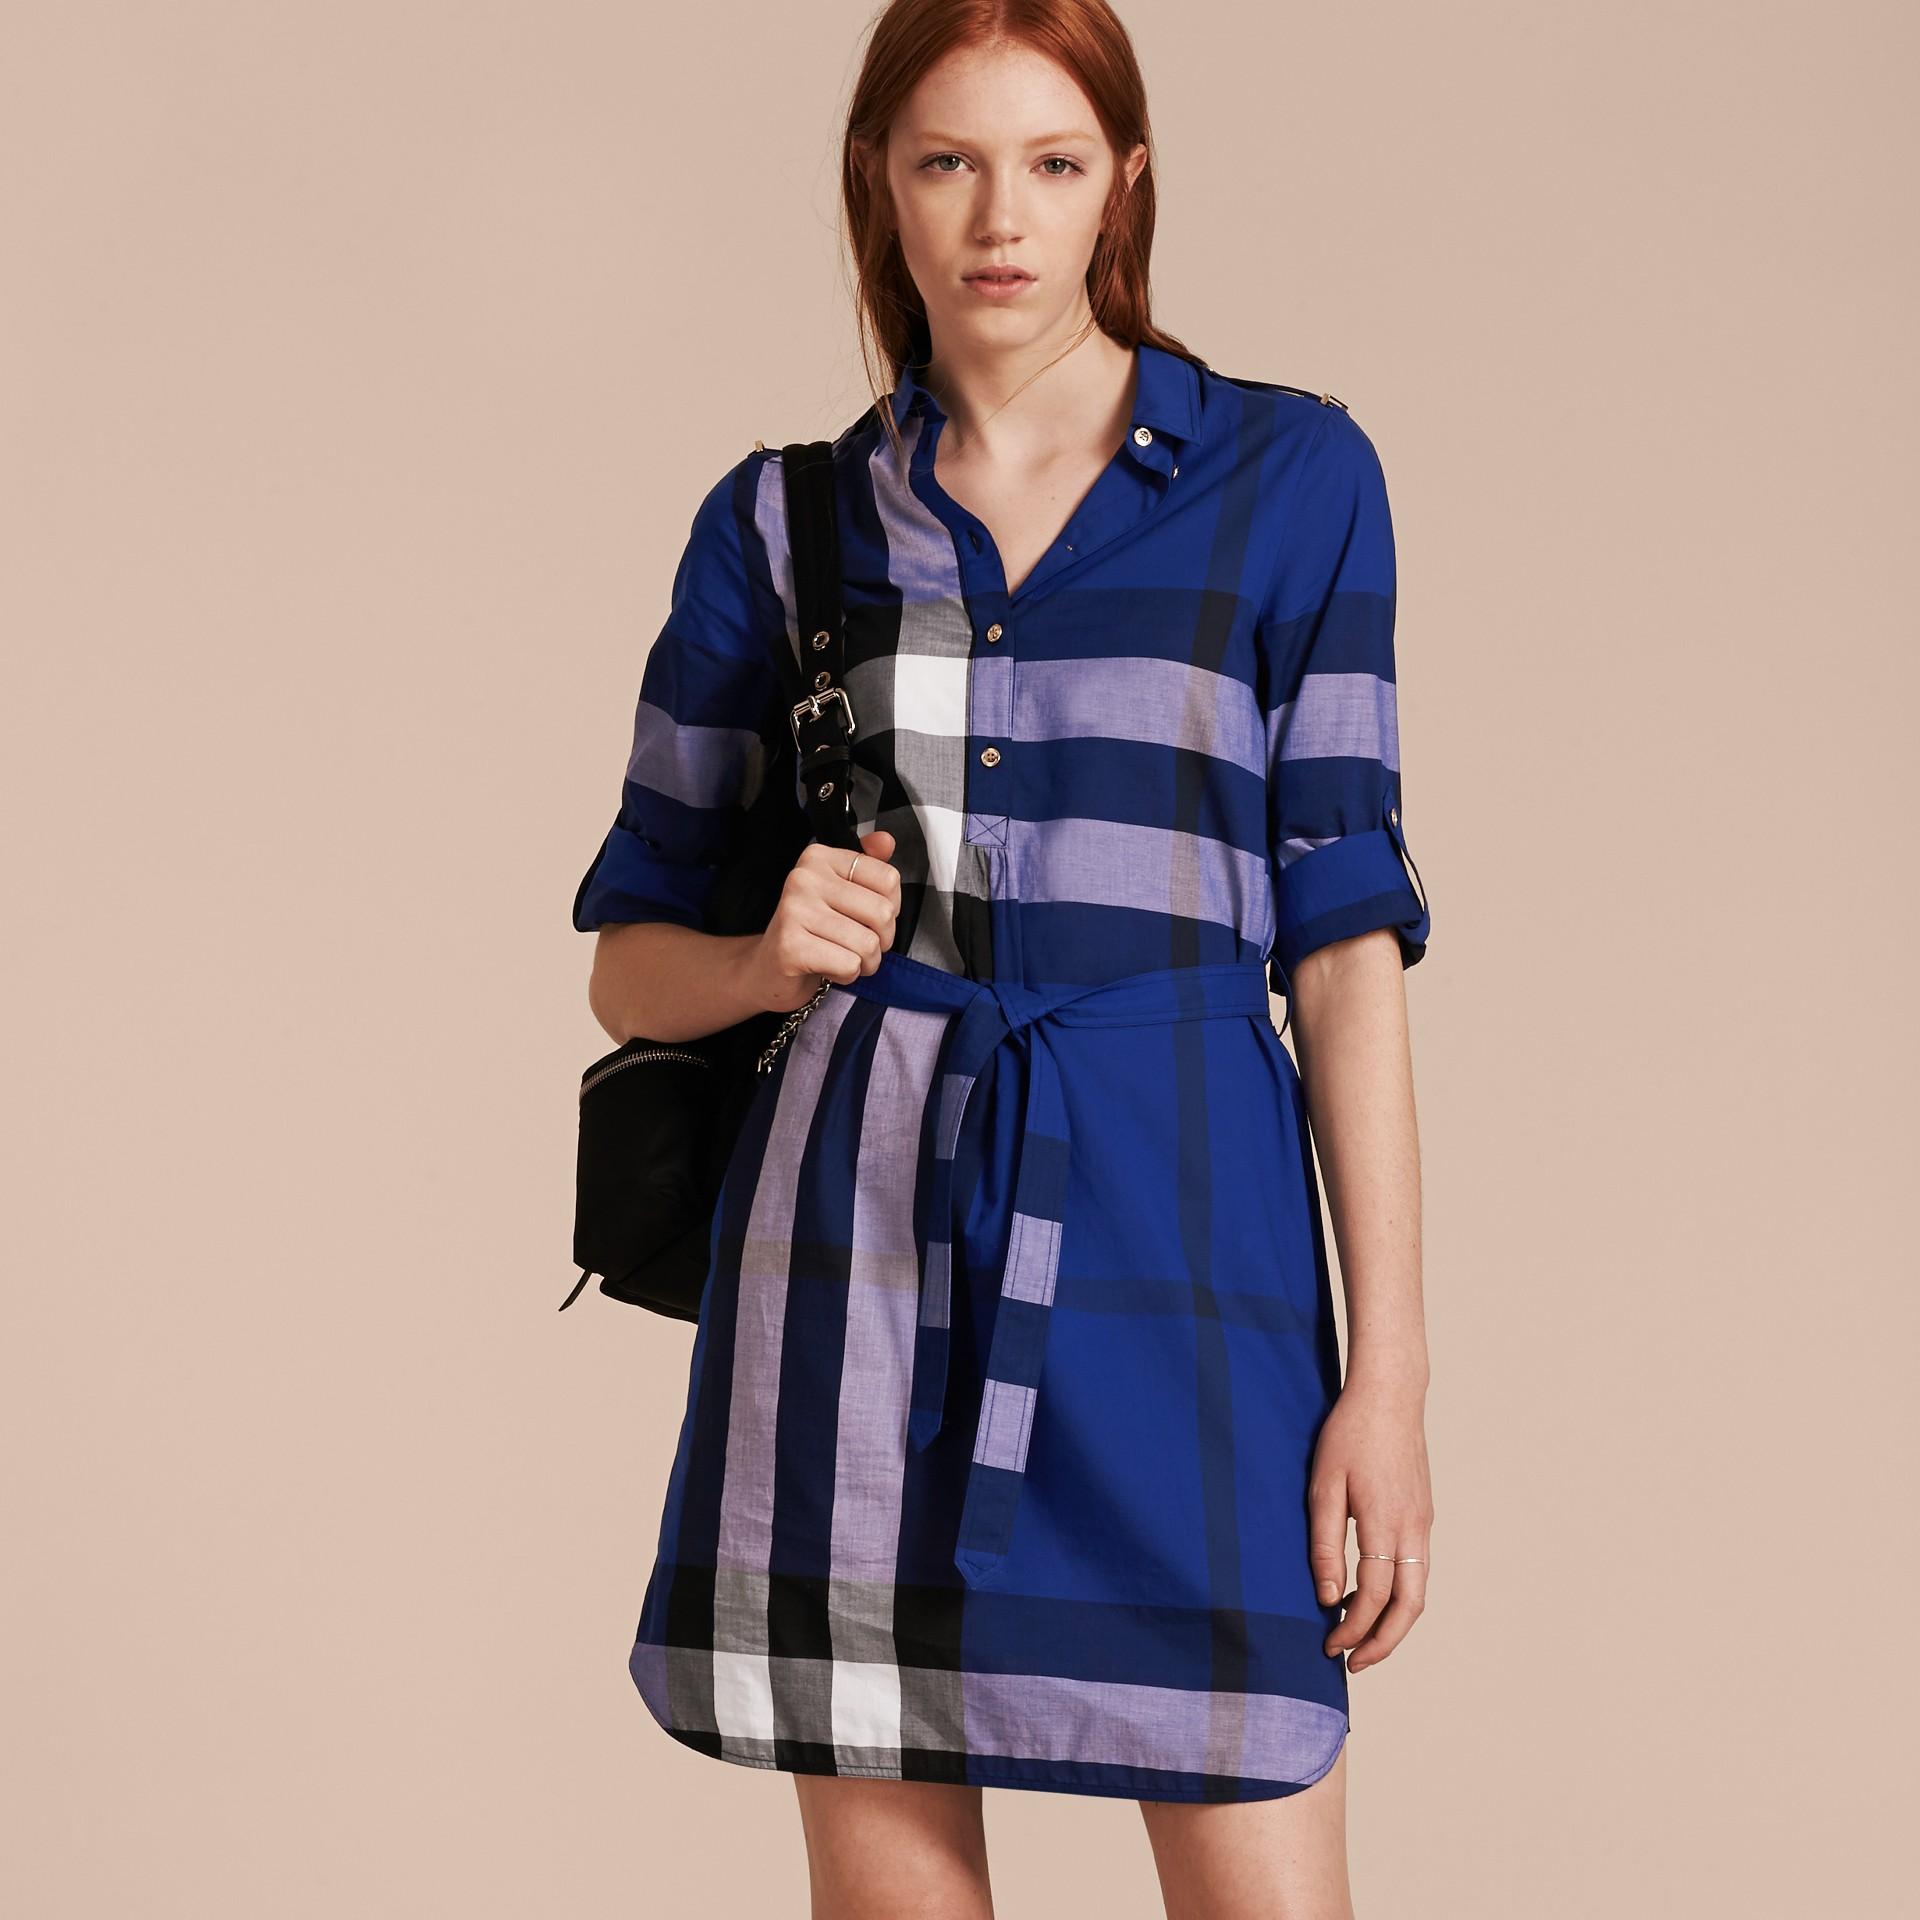 Glänzendes blau Hemdkleid aus Baumwolle im Karodesign Glänzendes Blau - Galerie-Bild 6